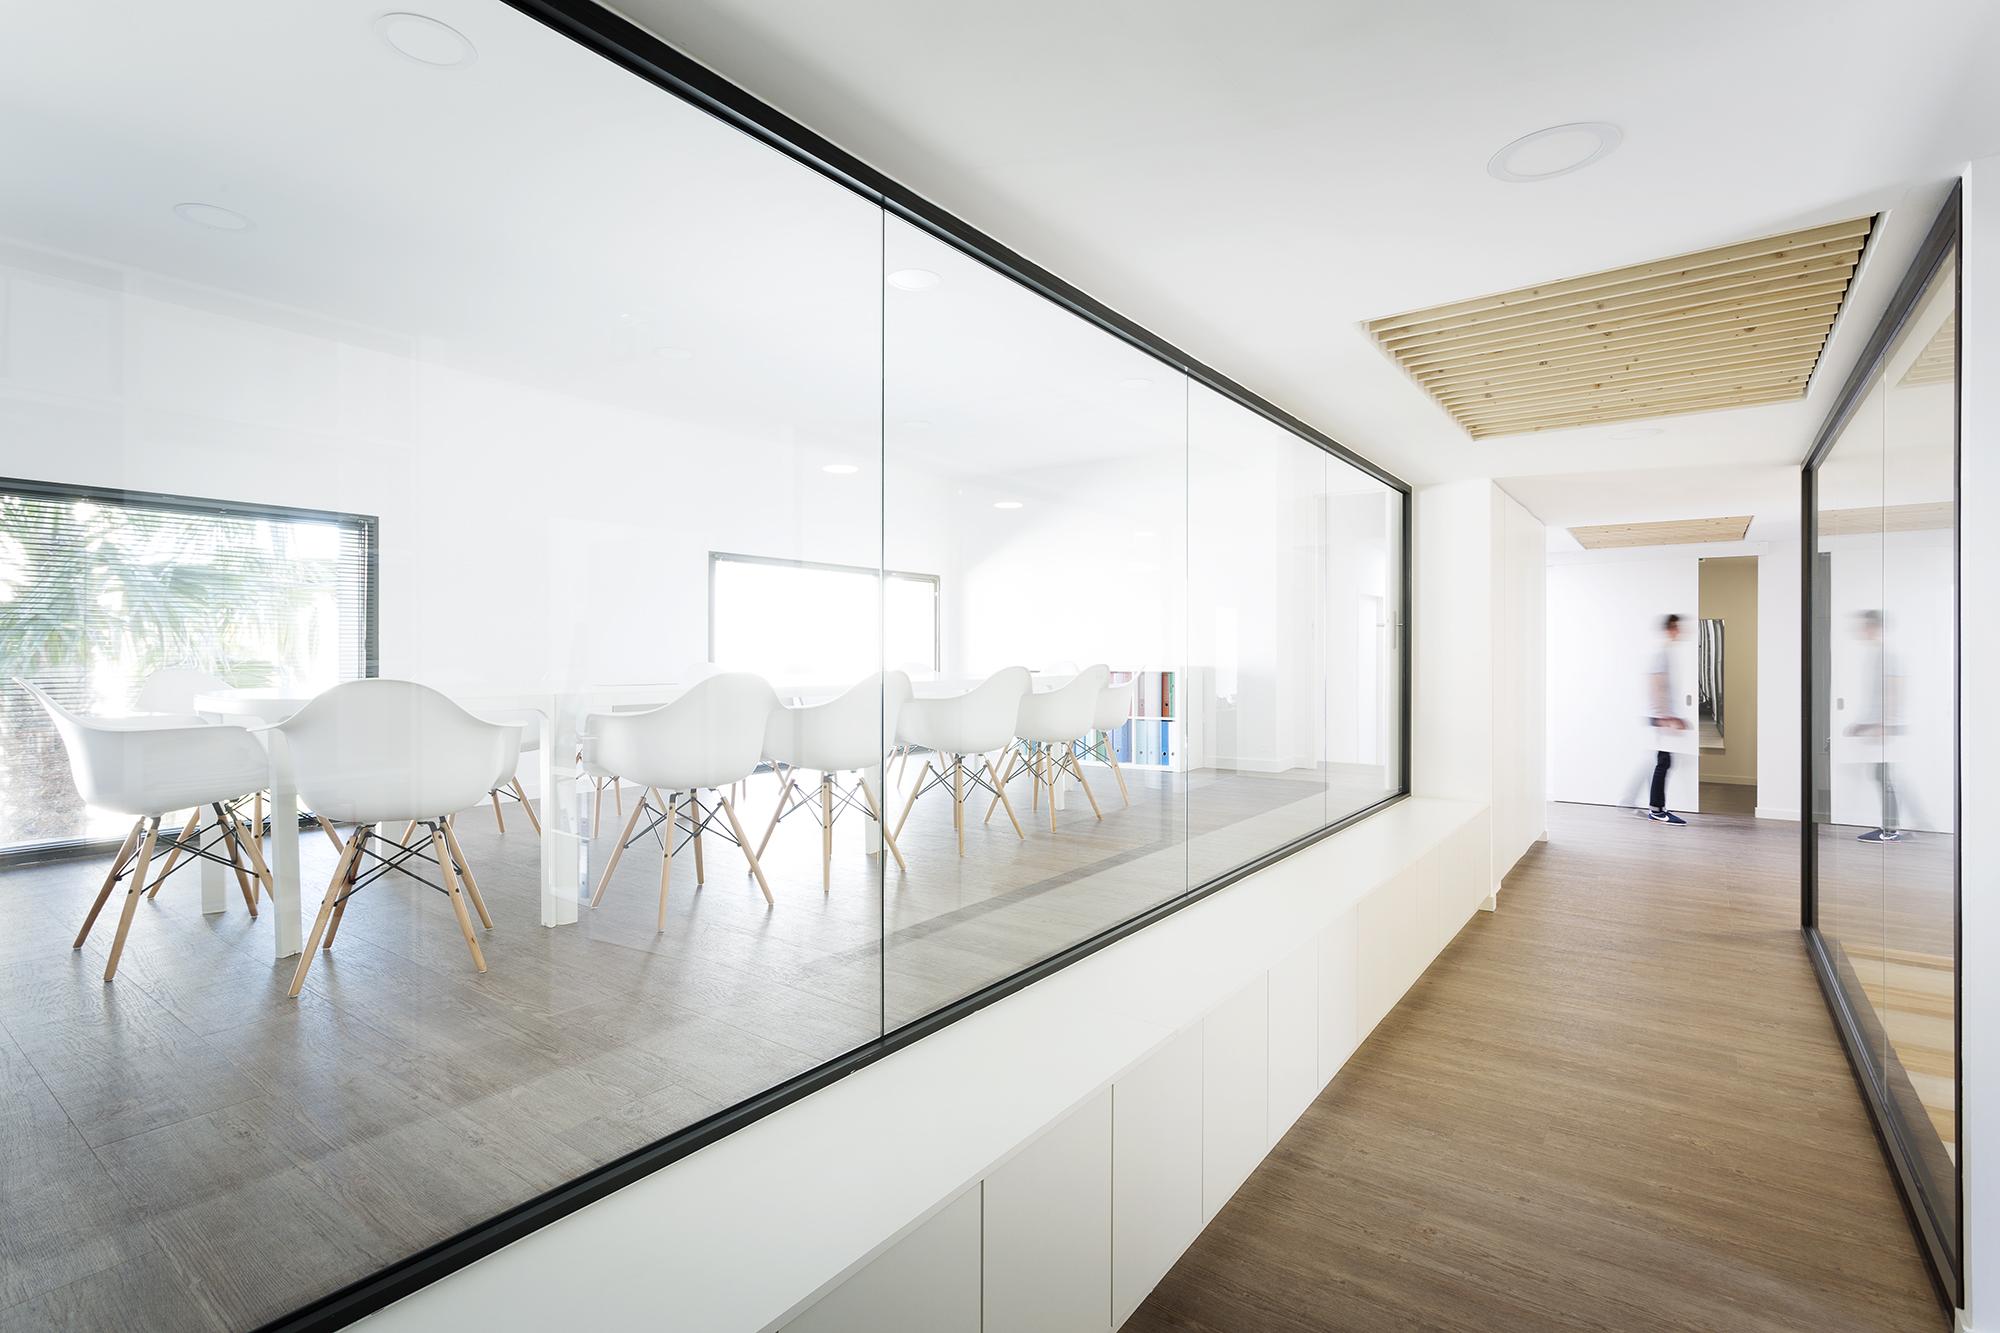 maxime-rouaud-architecte-les-villages-dor-architectural-teamarchi-offices-bureaux-2017-mc-lucat